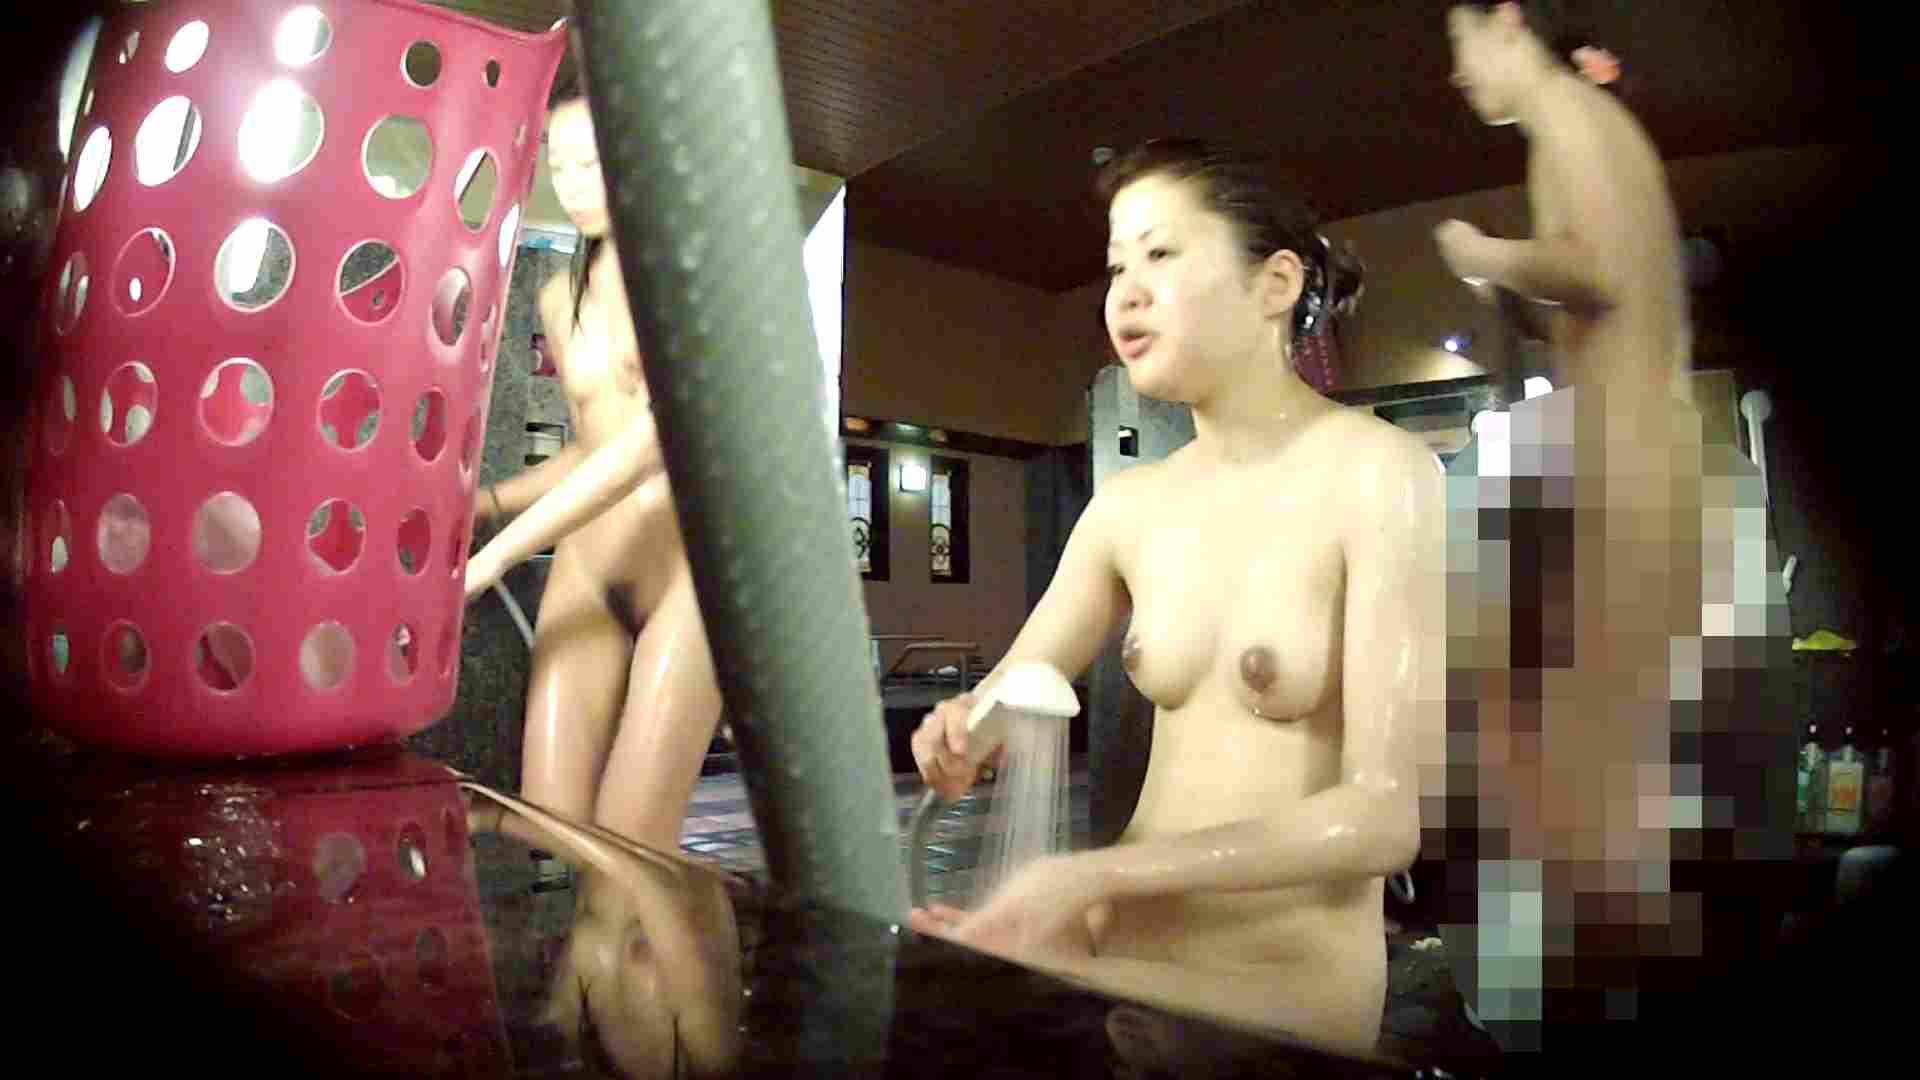 ハイビジョン 洗い場!No.1 うっすら覗く一本道×2 細身・スレンダー セックス画像 88画像 74